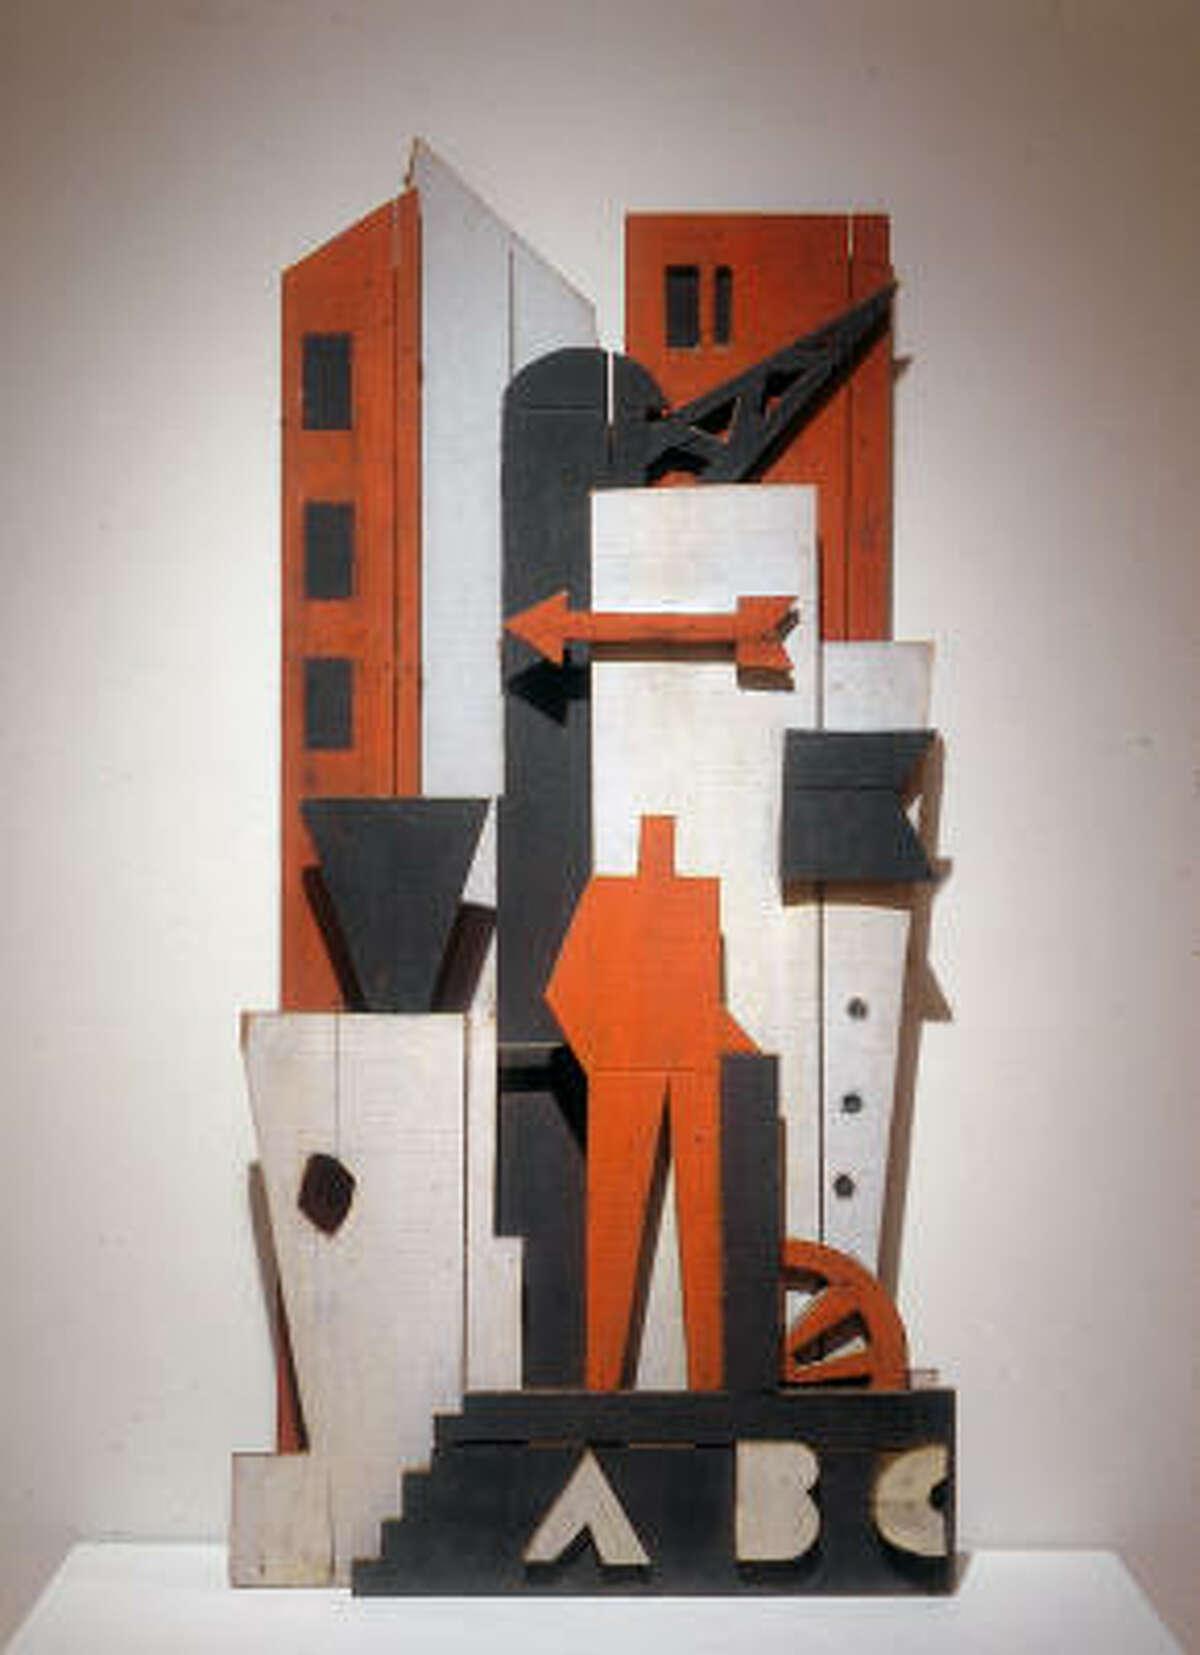 Julio Alpuy's Construccion con hombre rojo (1945) was created and displayed at the Taller Torres-García in Montevideo, Uruguay.